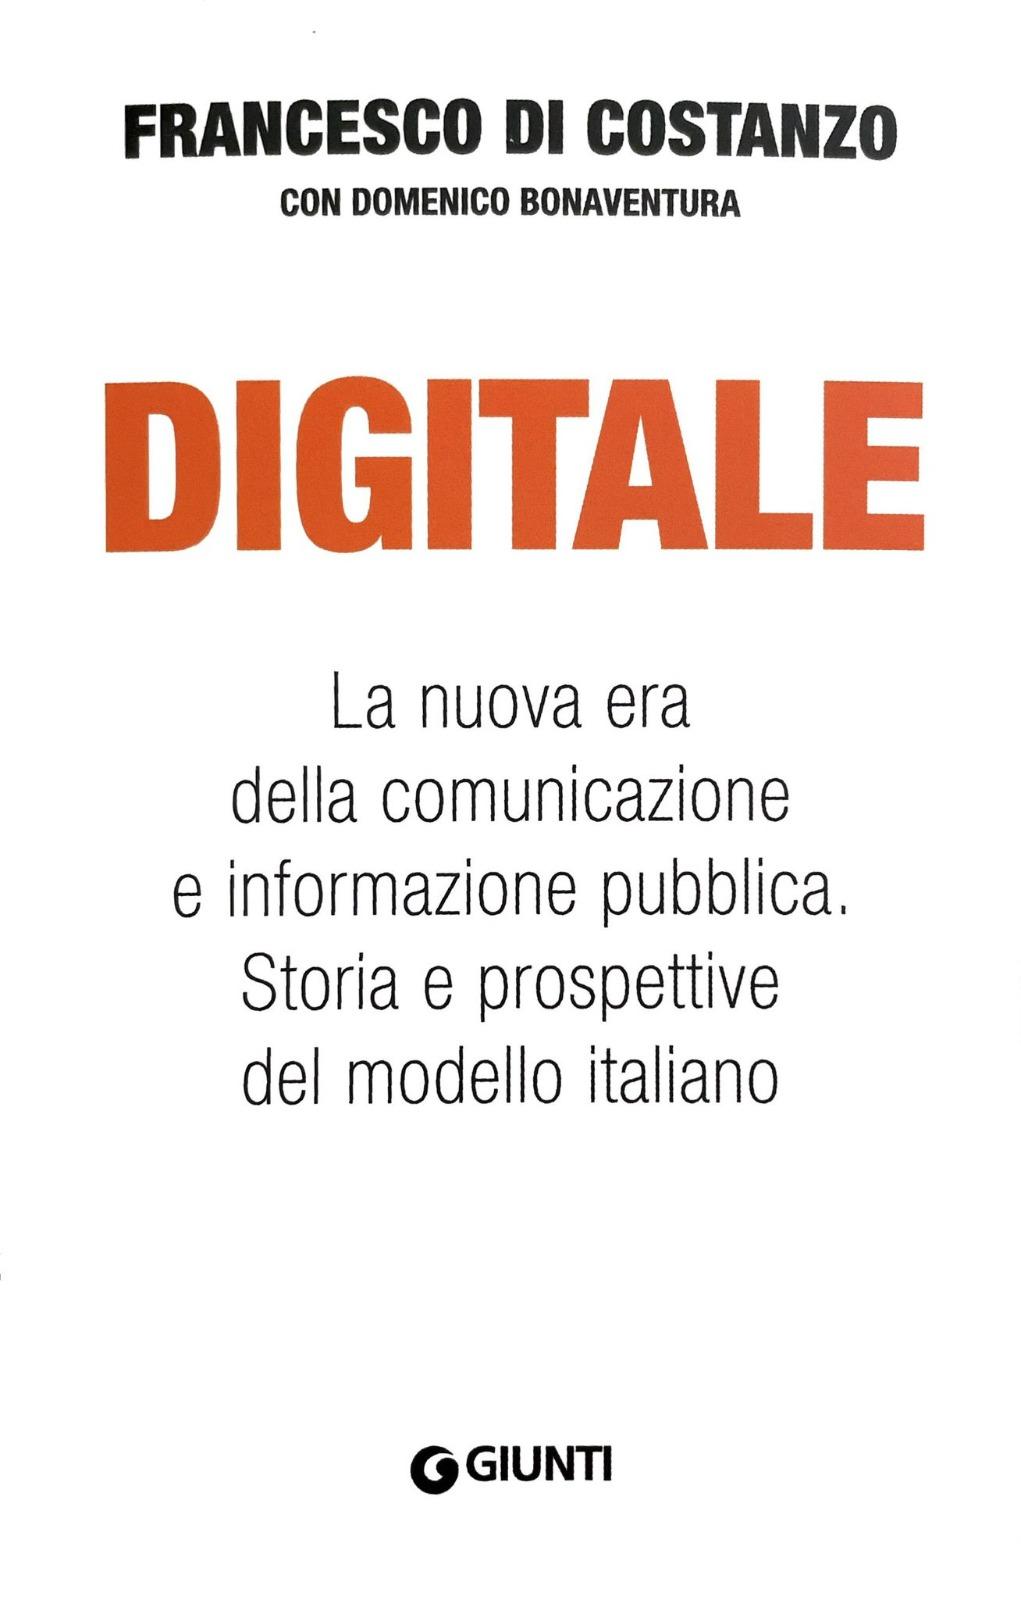 Digitale. La nuova era della comunicazione e informazione pubblica